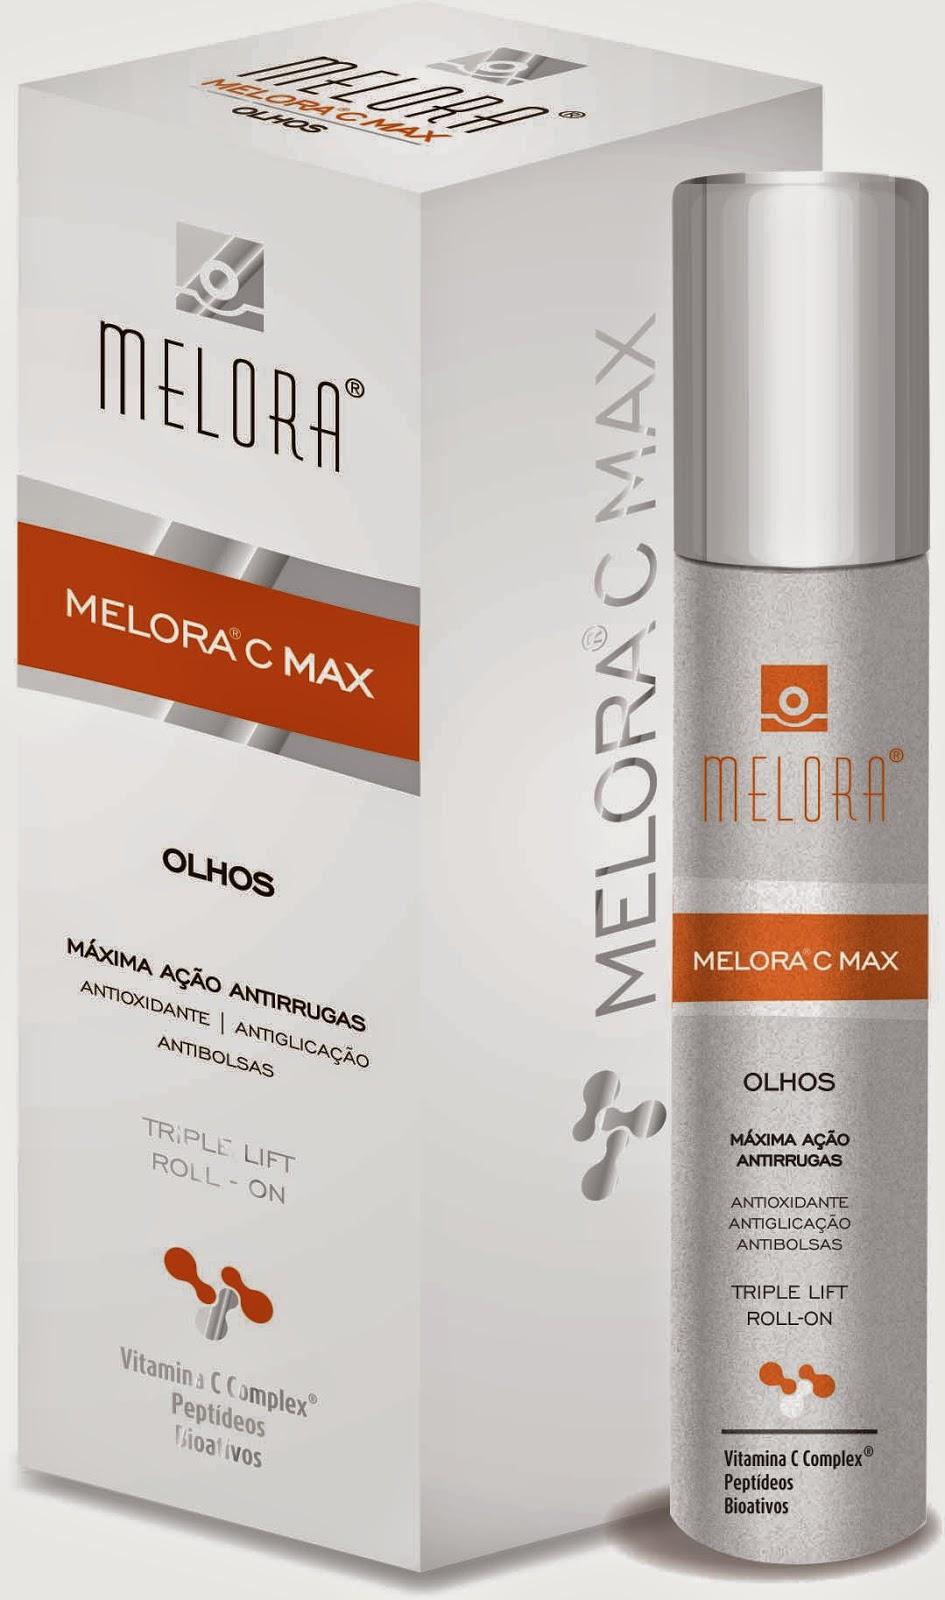 Linha de dermocosméticos Antioxidantes - Melora